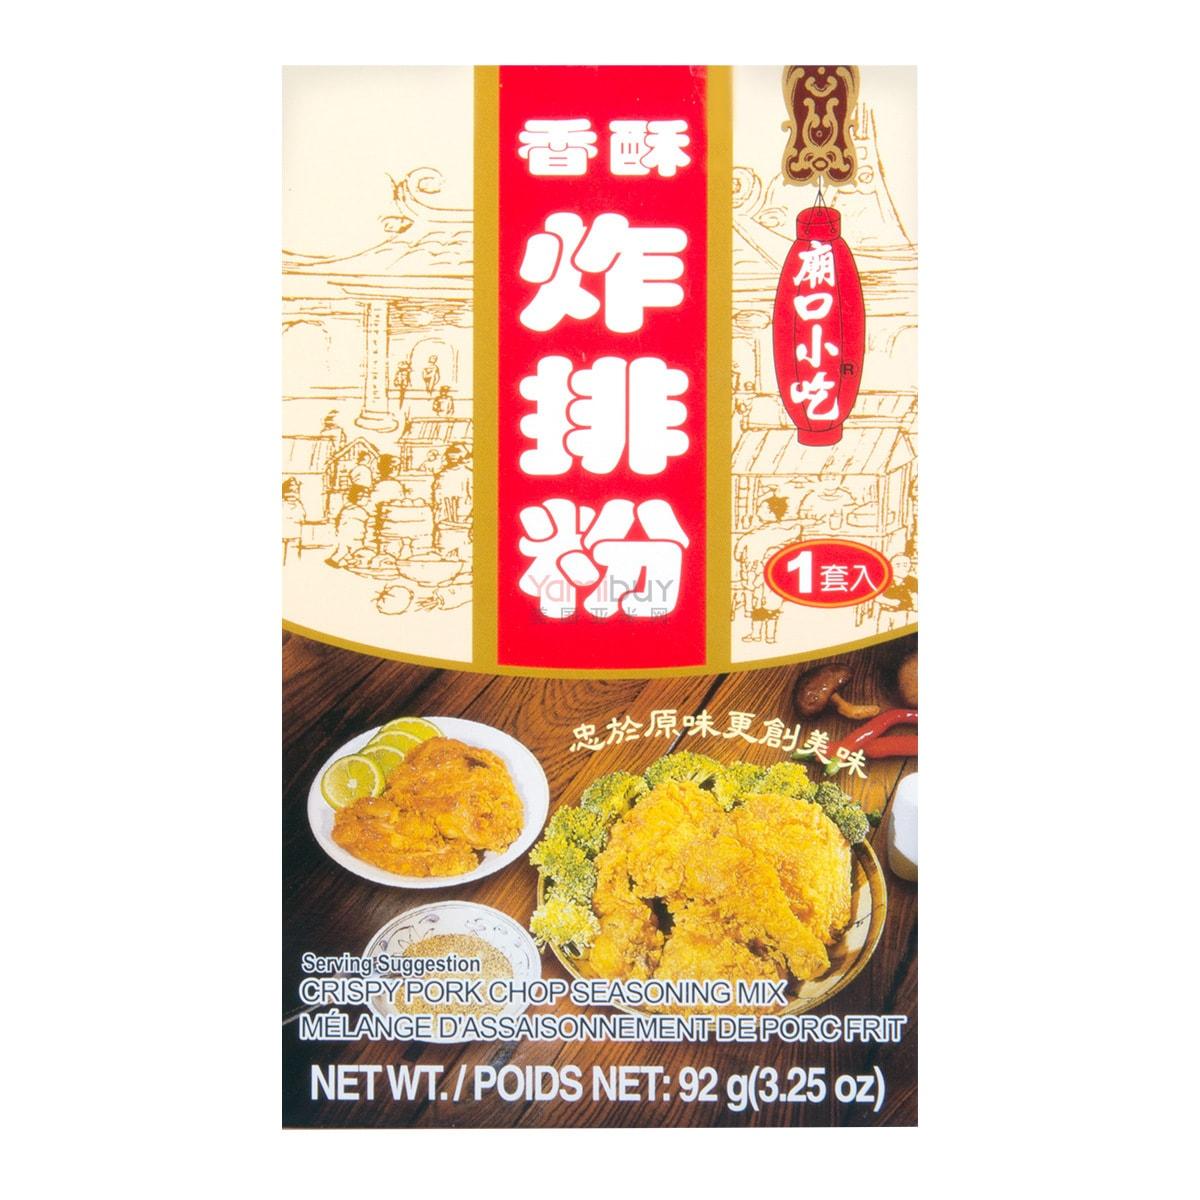 台湾小磨坊 庙口小吃香酥炸鸡粉 1套入 92g